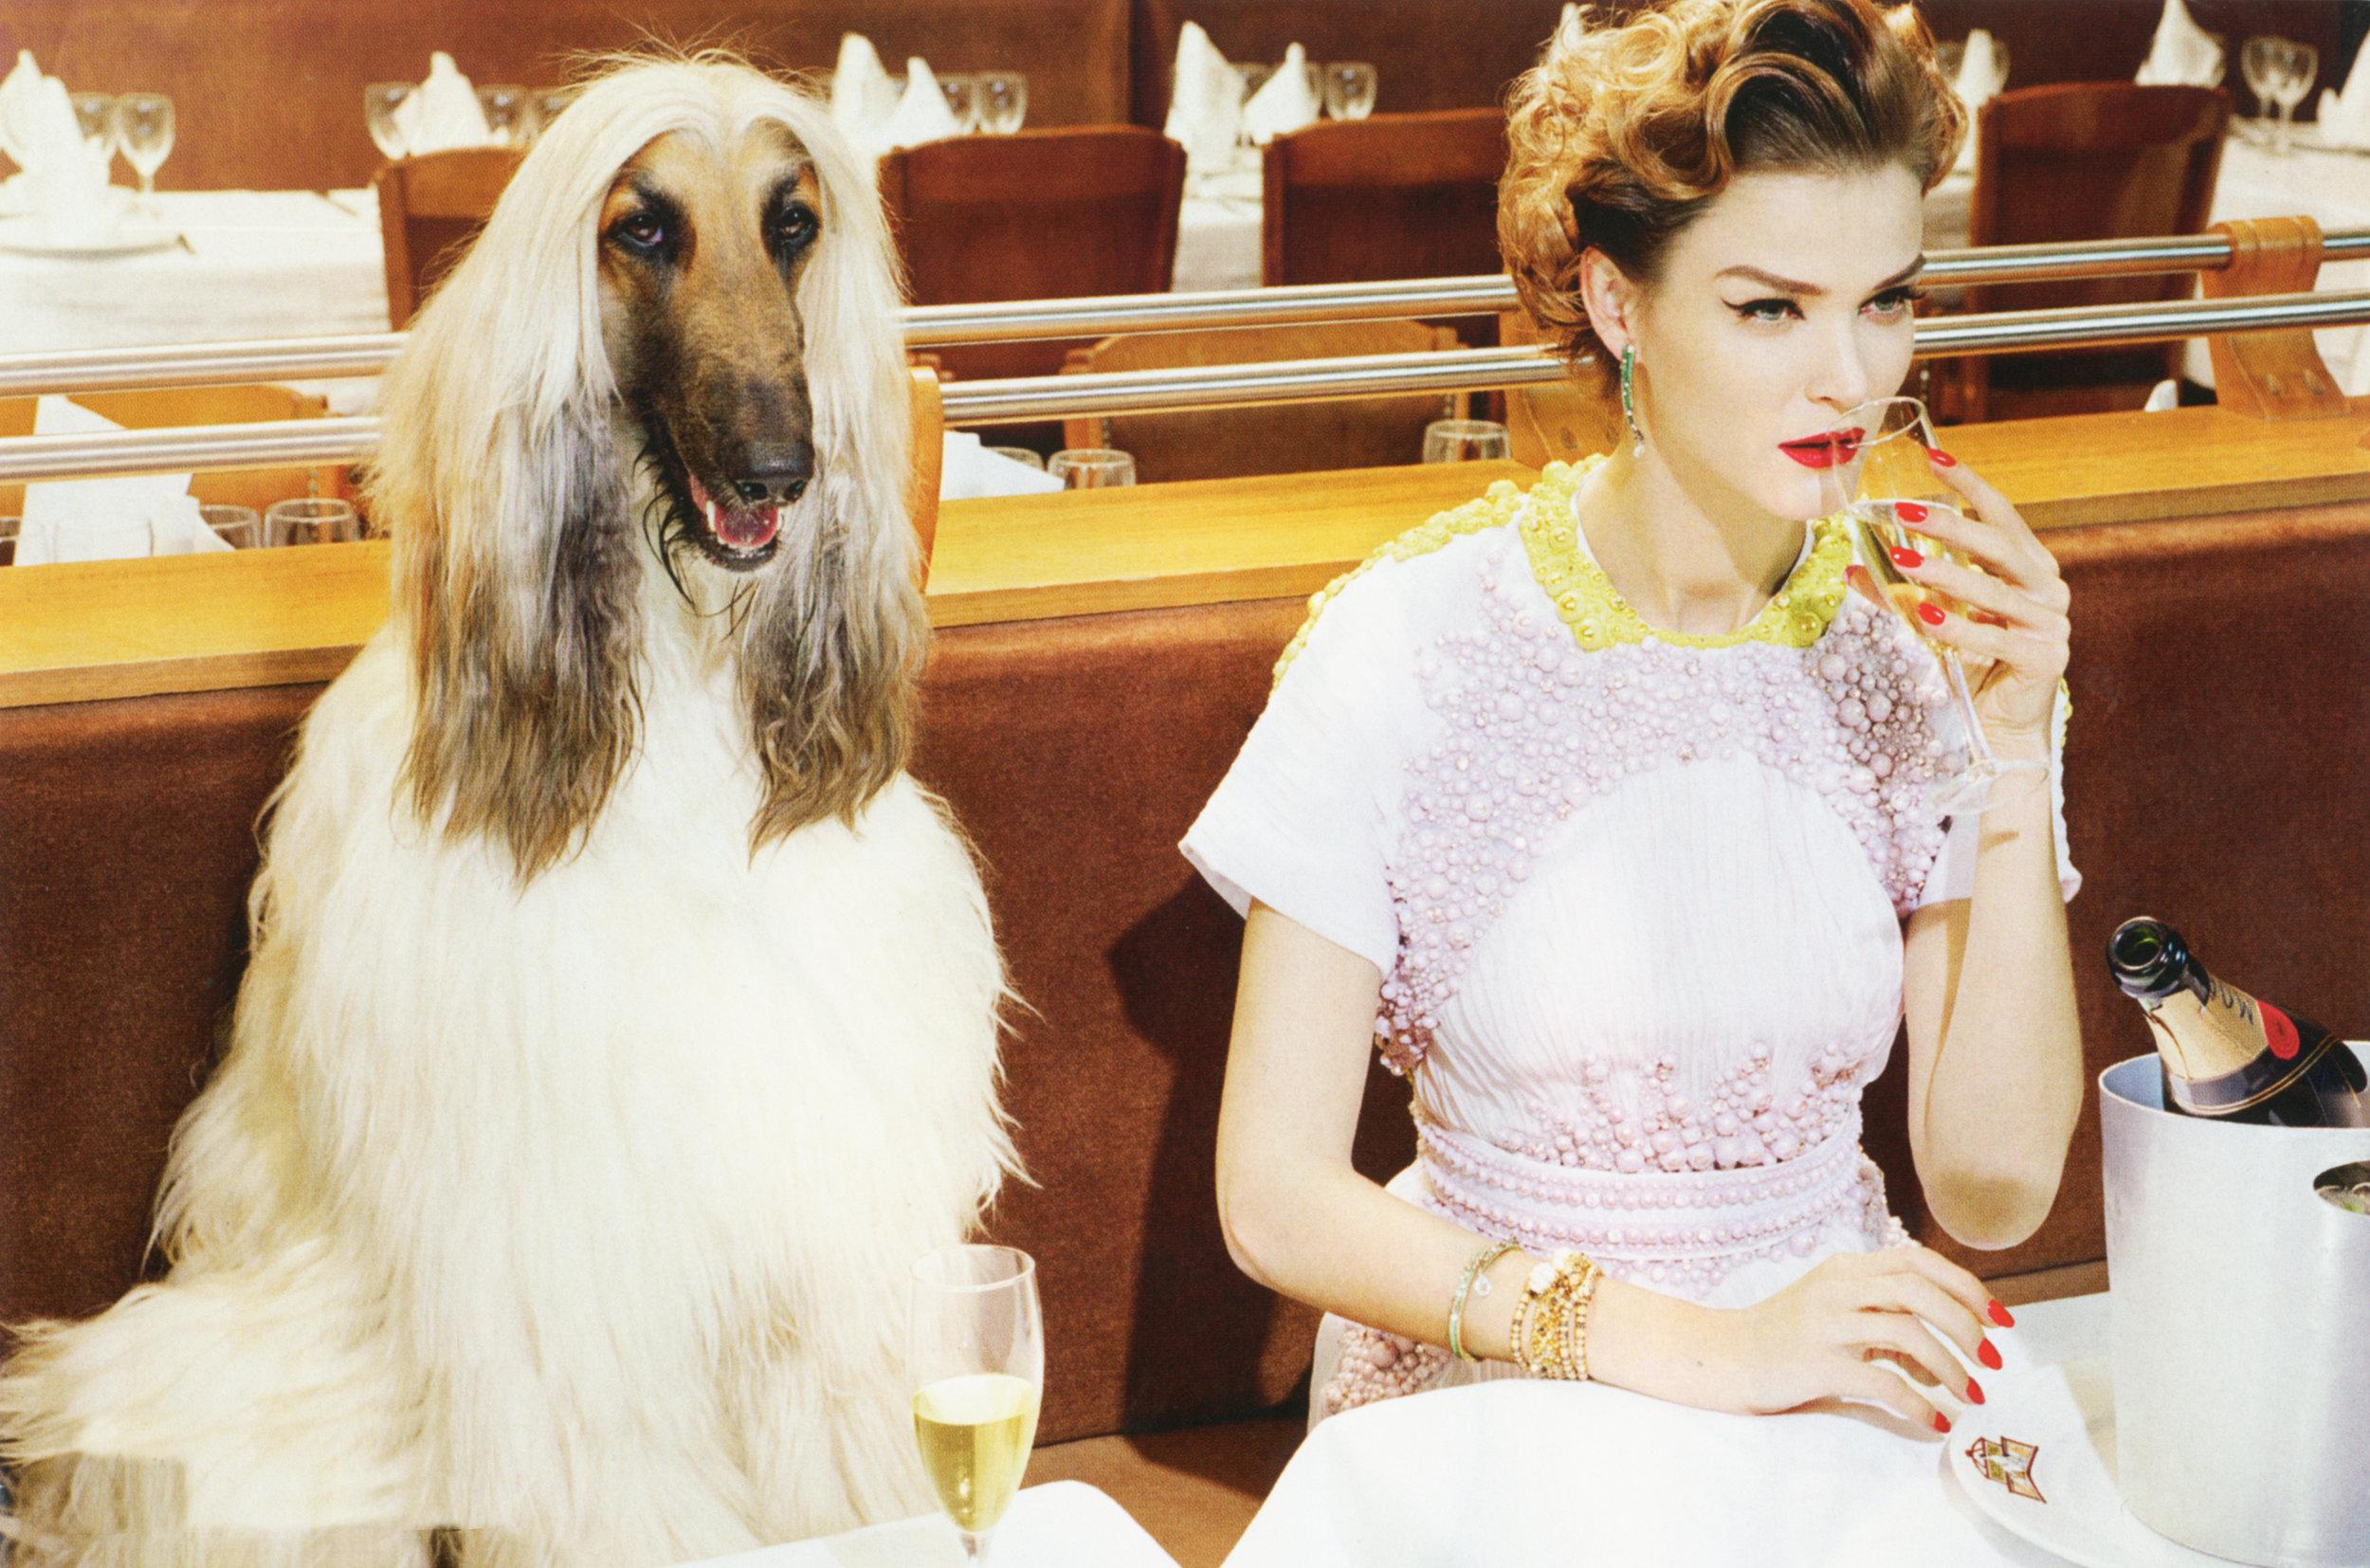 MA_Lady-Dog012.jpg